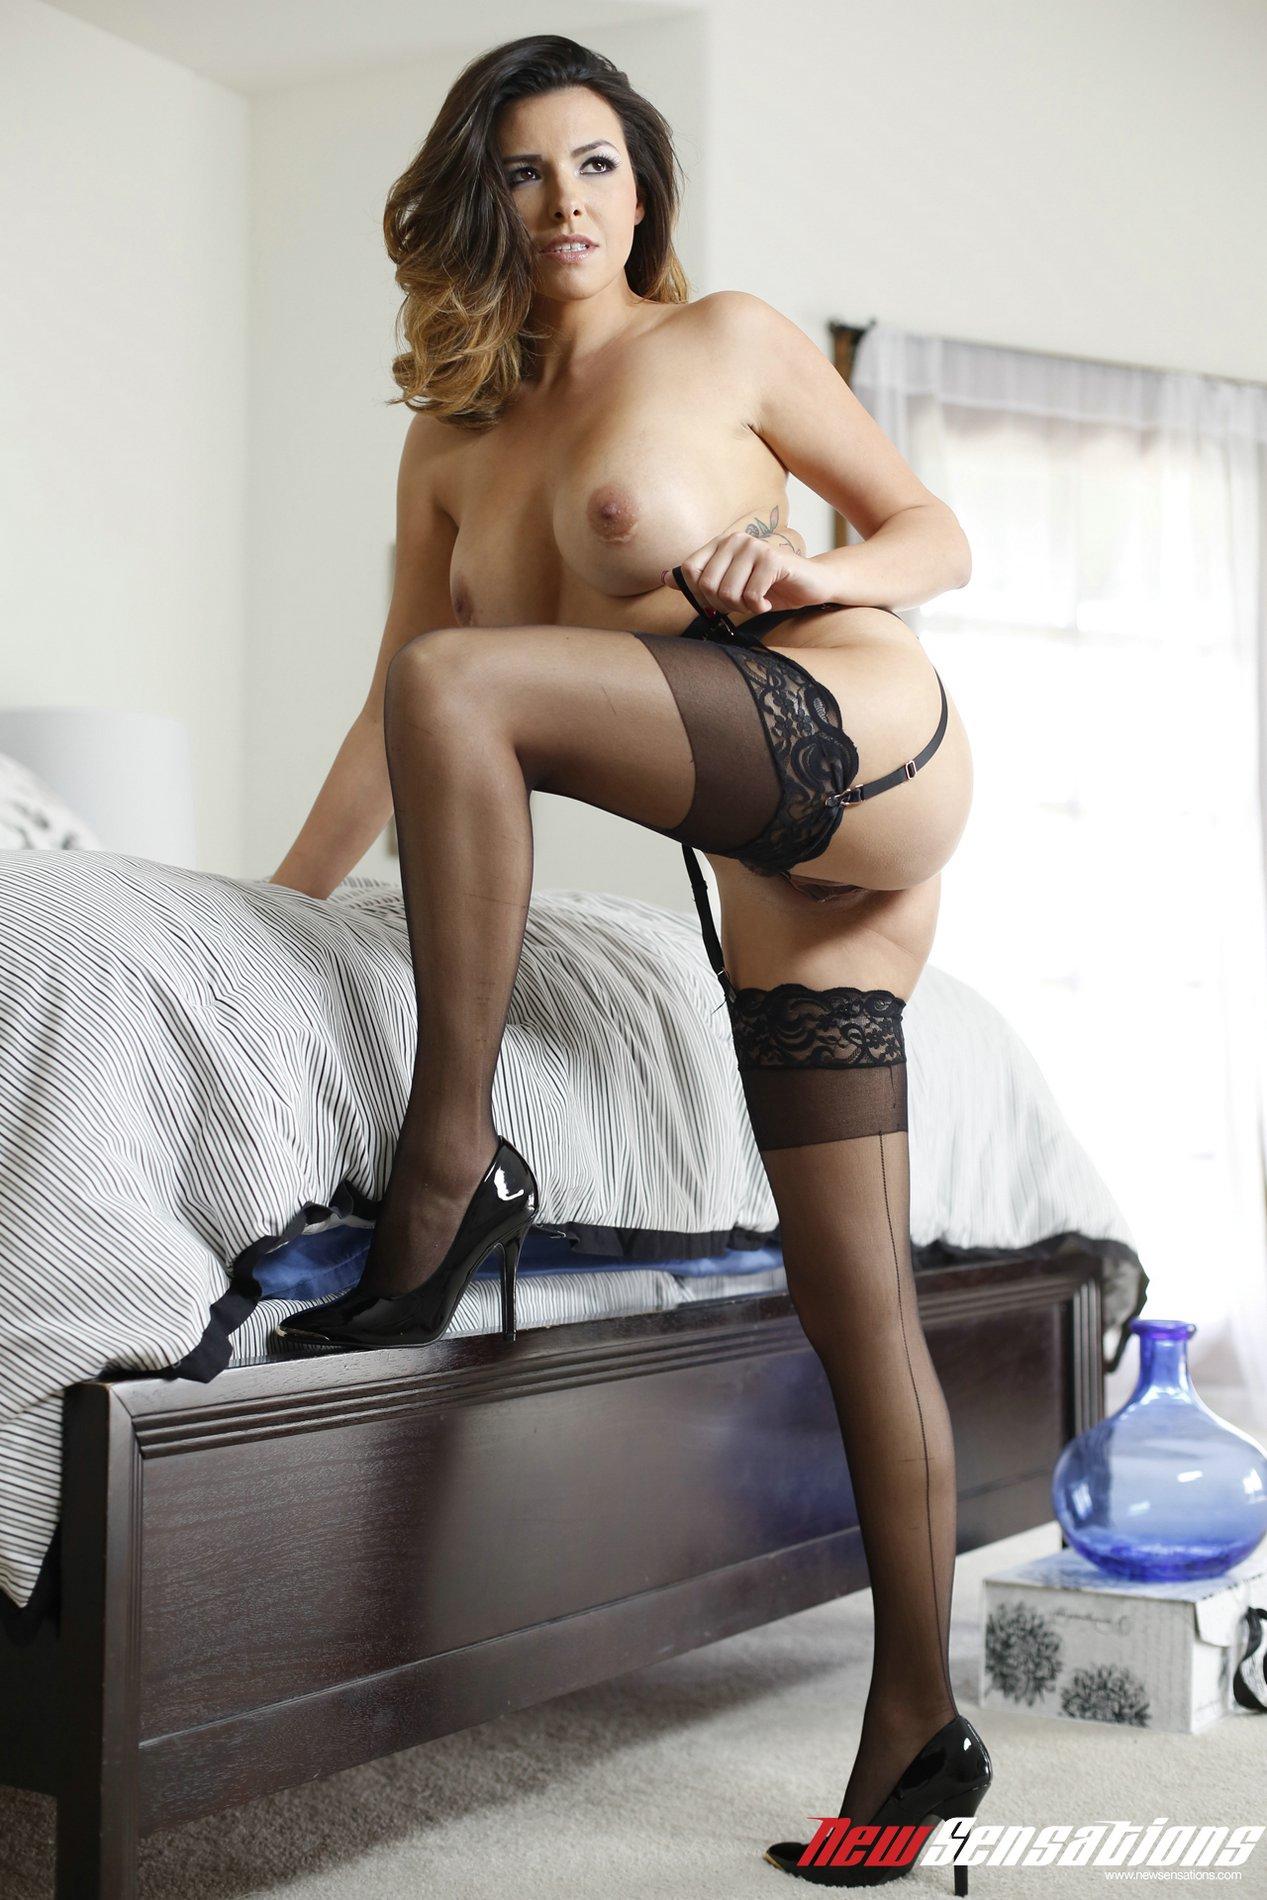 Danica Dillan Free Porn Pics - Pichunter